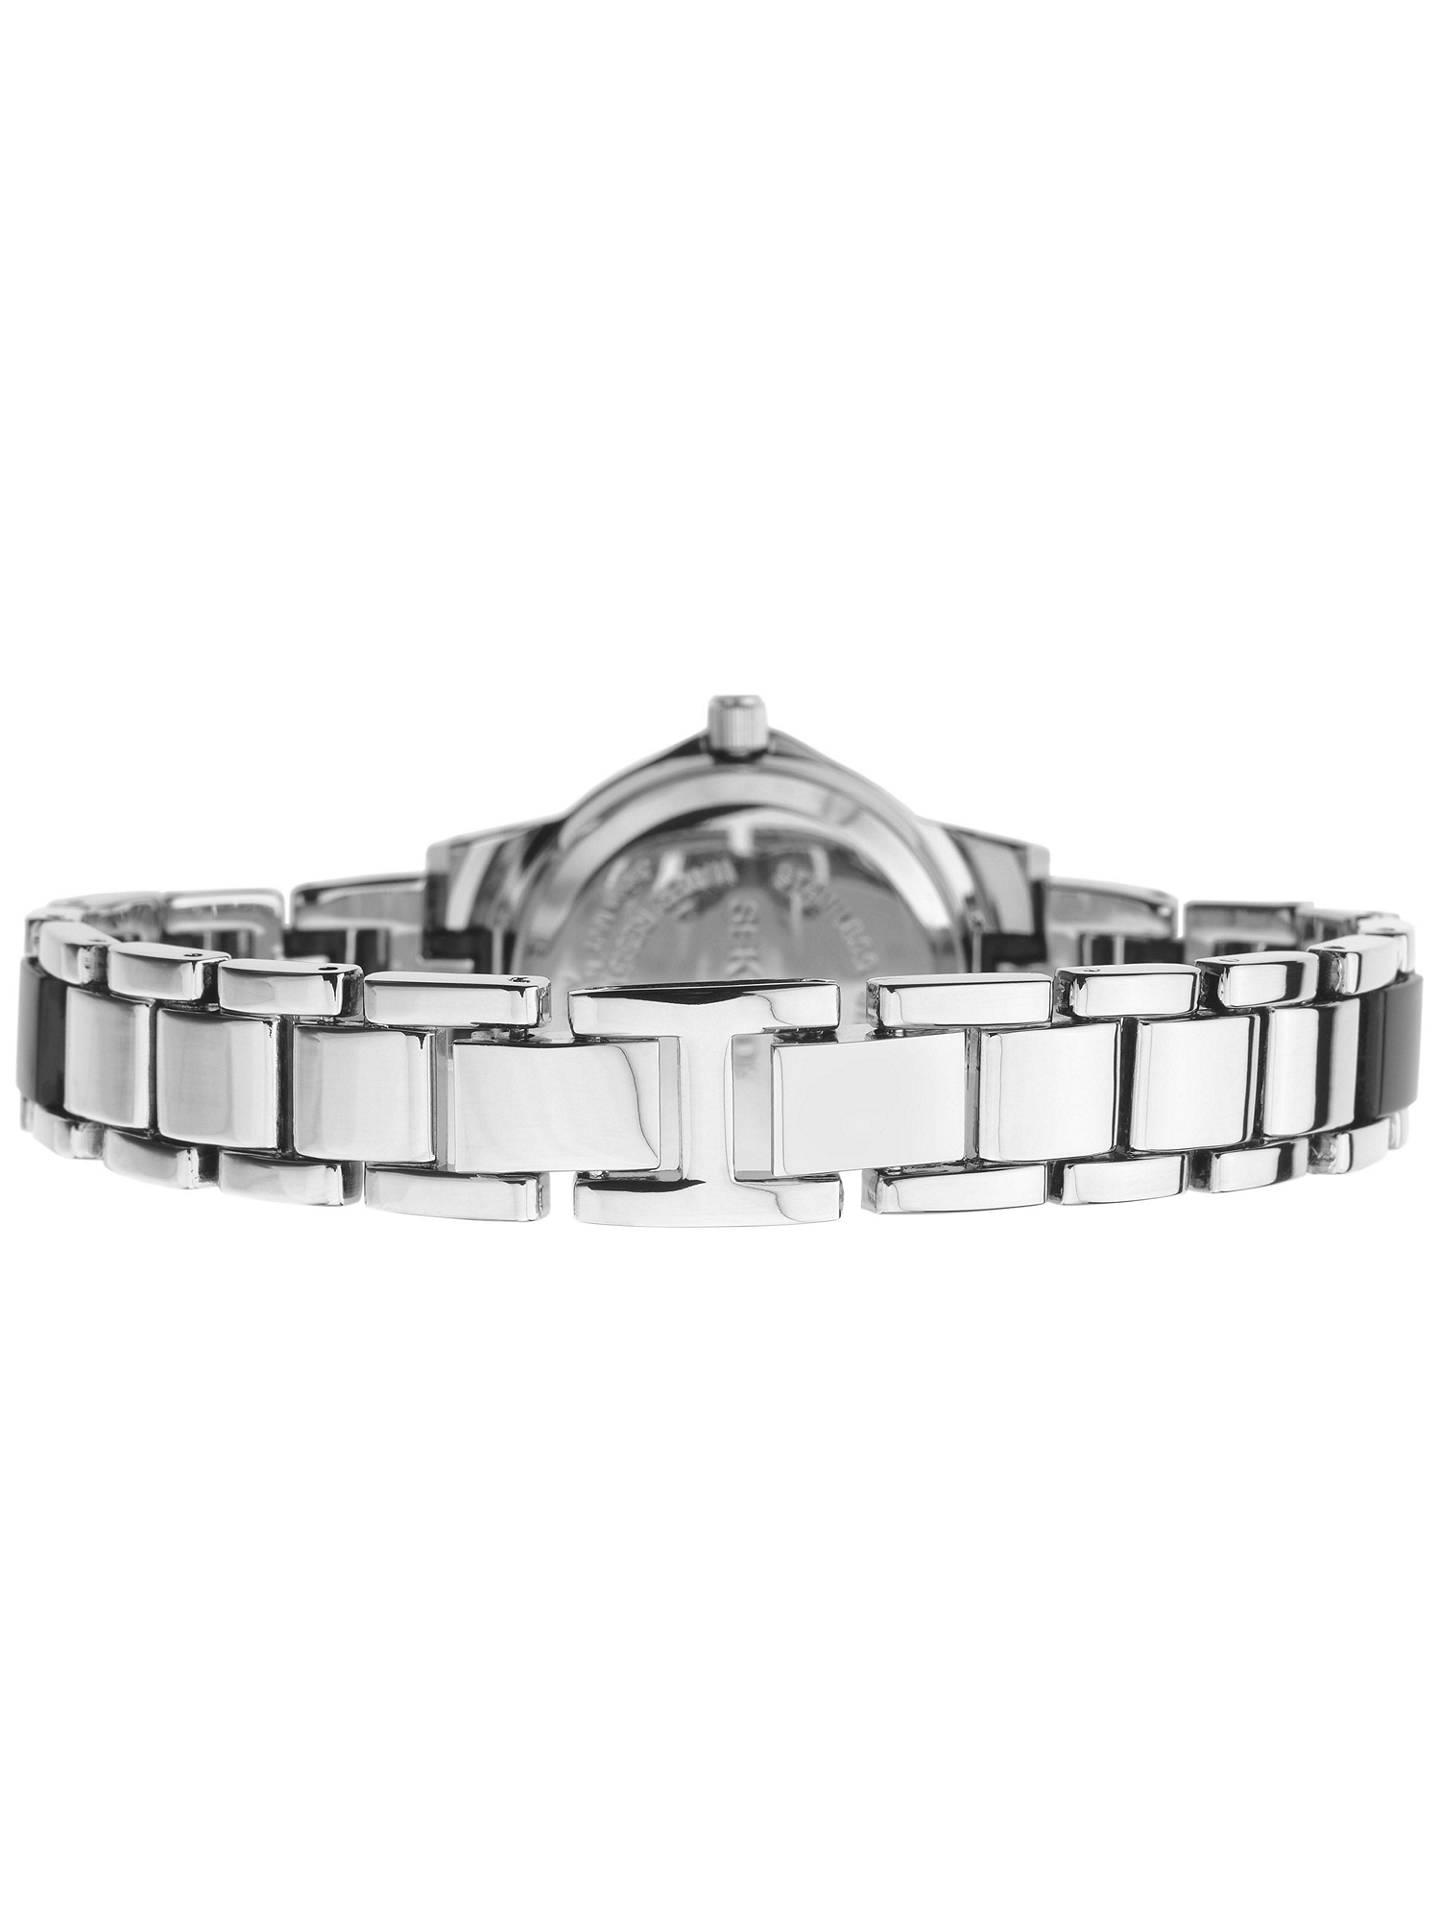 a926da31287d ... Buy Sekonda 4084.27 Women s Twilight Mother of Pearl Diamante Bracelet  Strap Watch